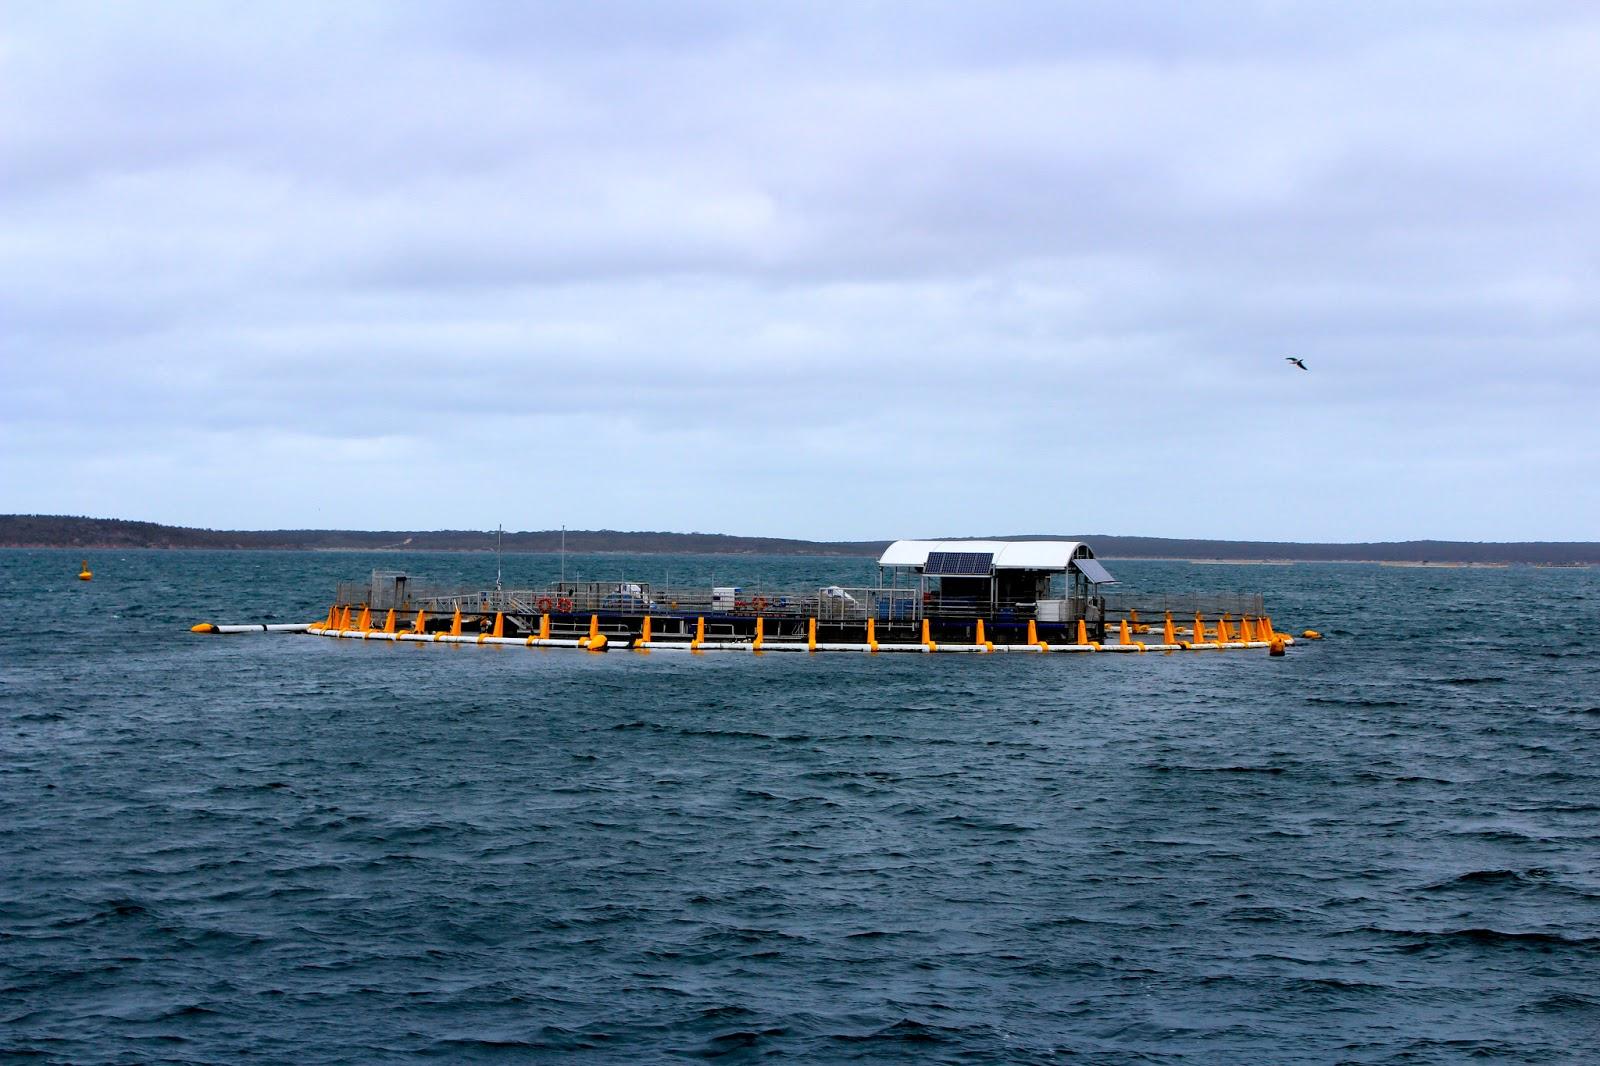 Port Lincoln Australia  City new picture : Nemo's Great Adventure: PORT LINCOLN, AUSTRALIA BOUND